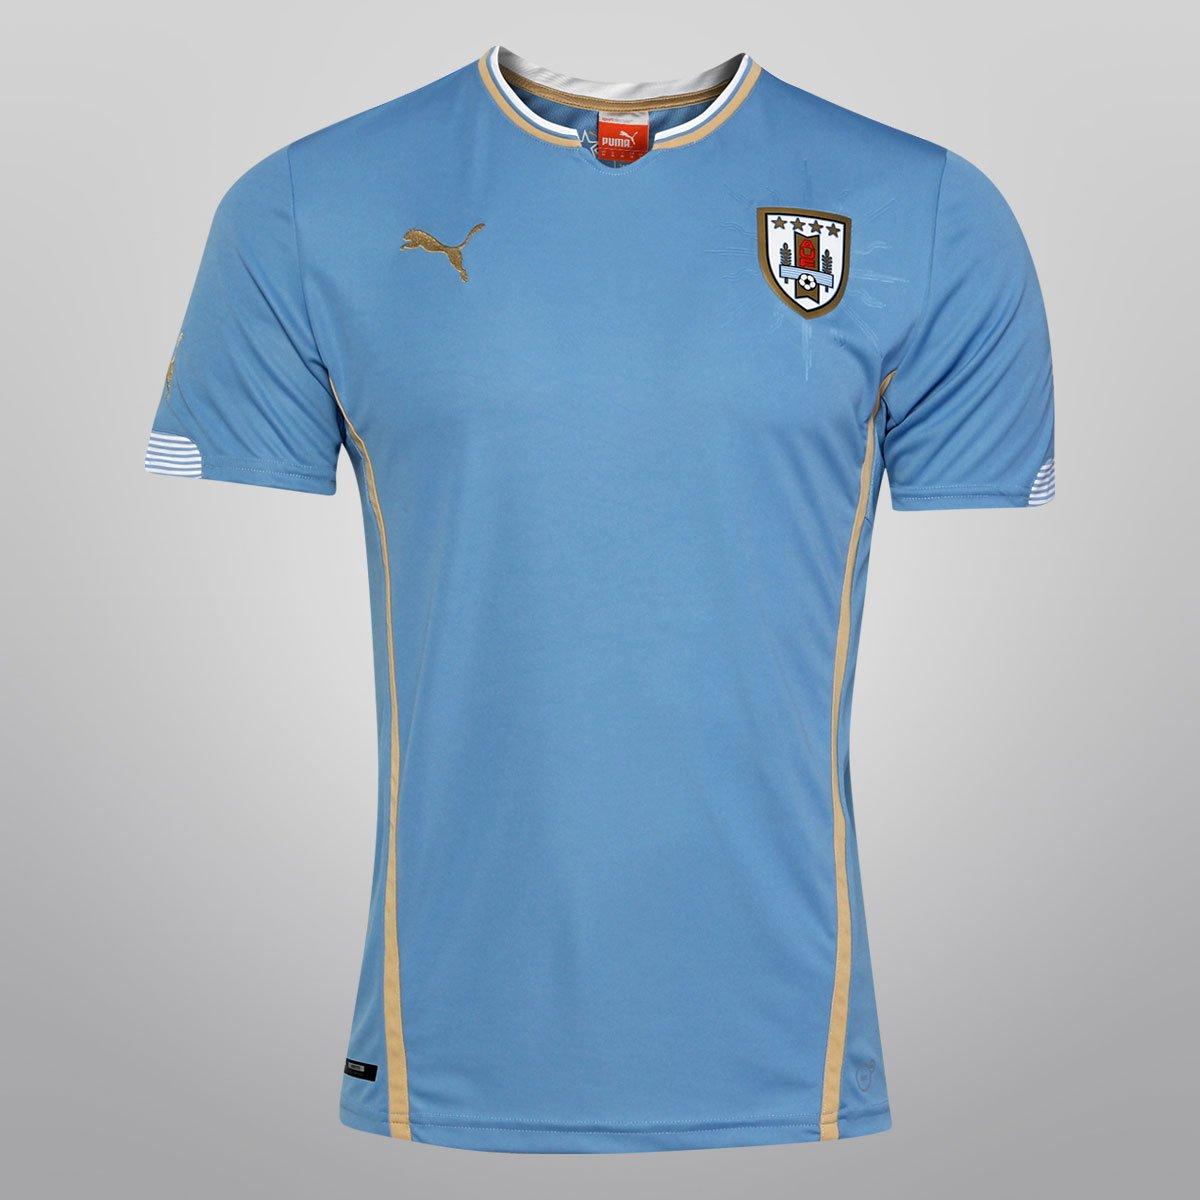 7e6723a7cf Camisa Puma Seleção Uruguai Home 14 15 s nº - Compre Agora